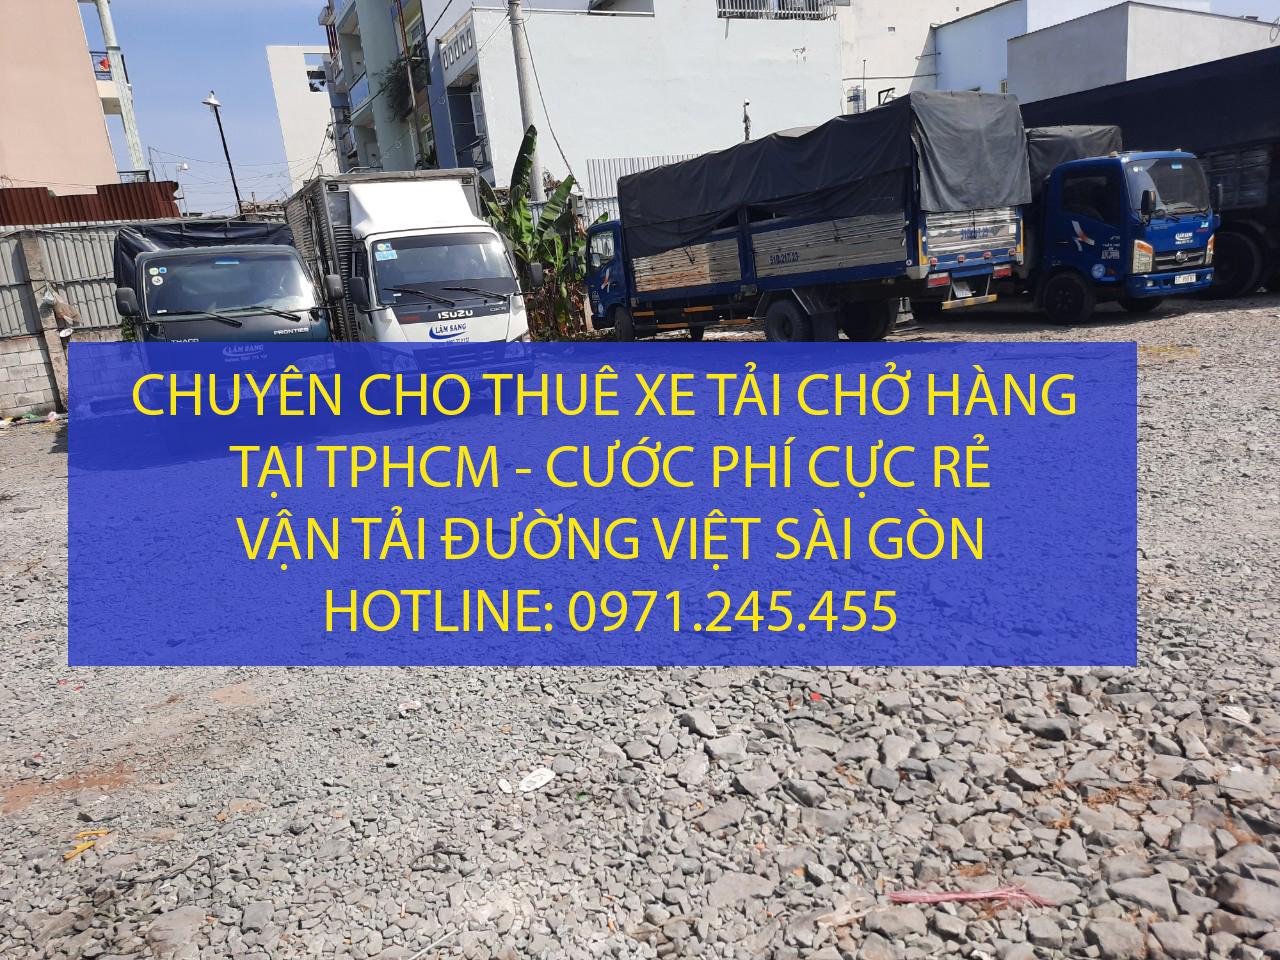 Dịch vụ thuê xe tải chở hàng giá rẻ tại TPHCM – Vận tải Đường Việt Sài Gòn